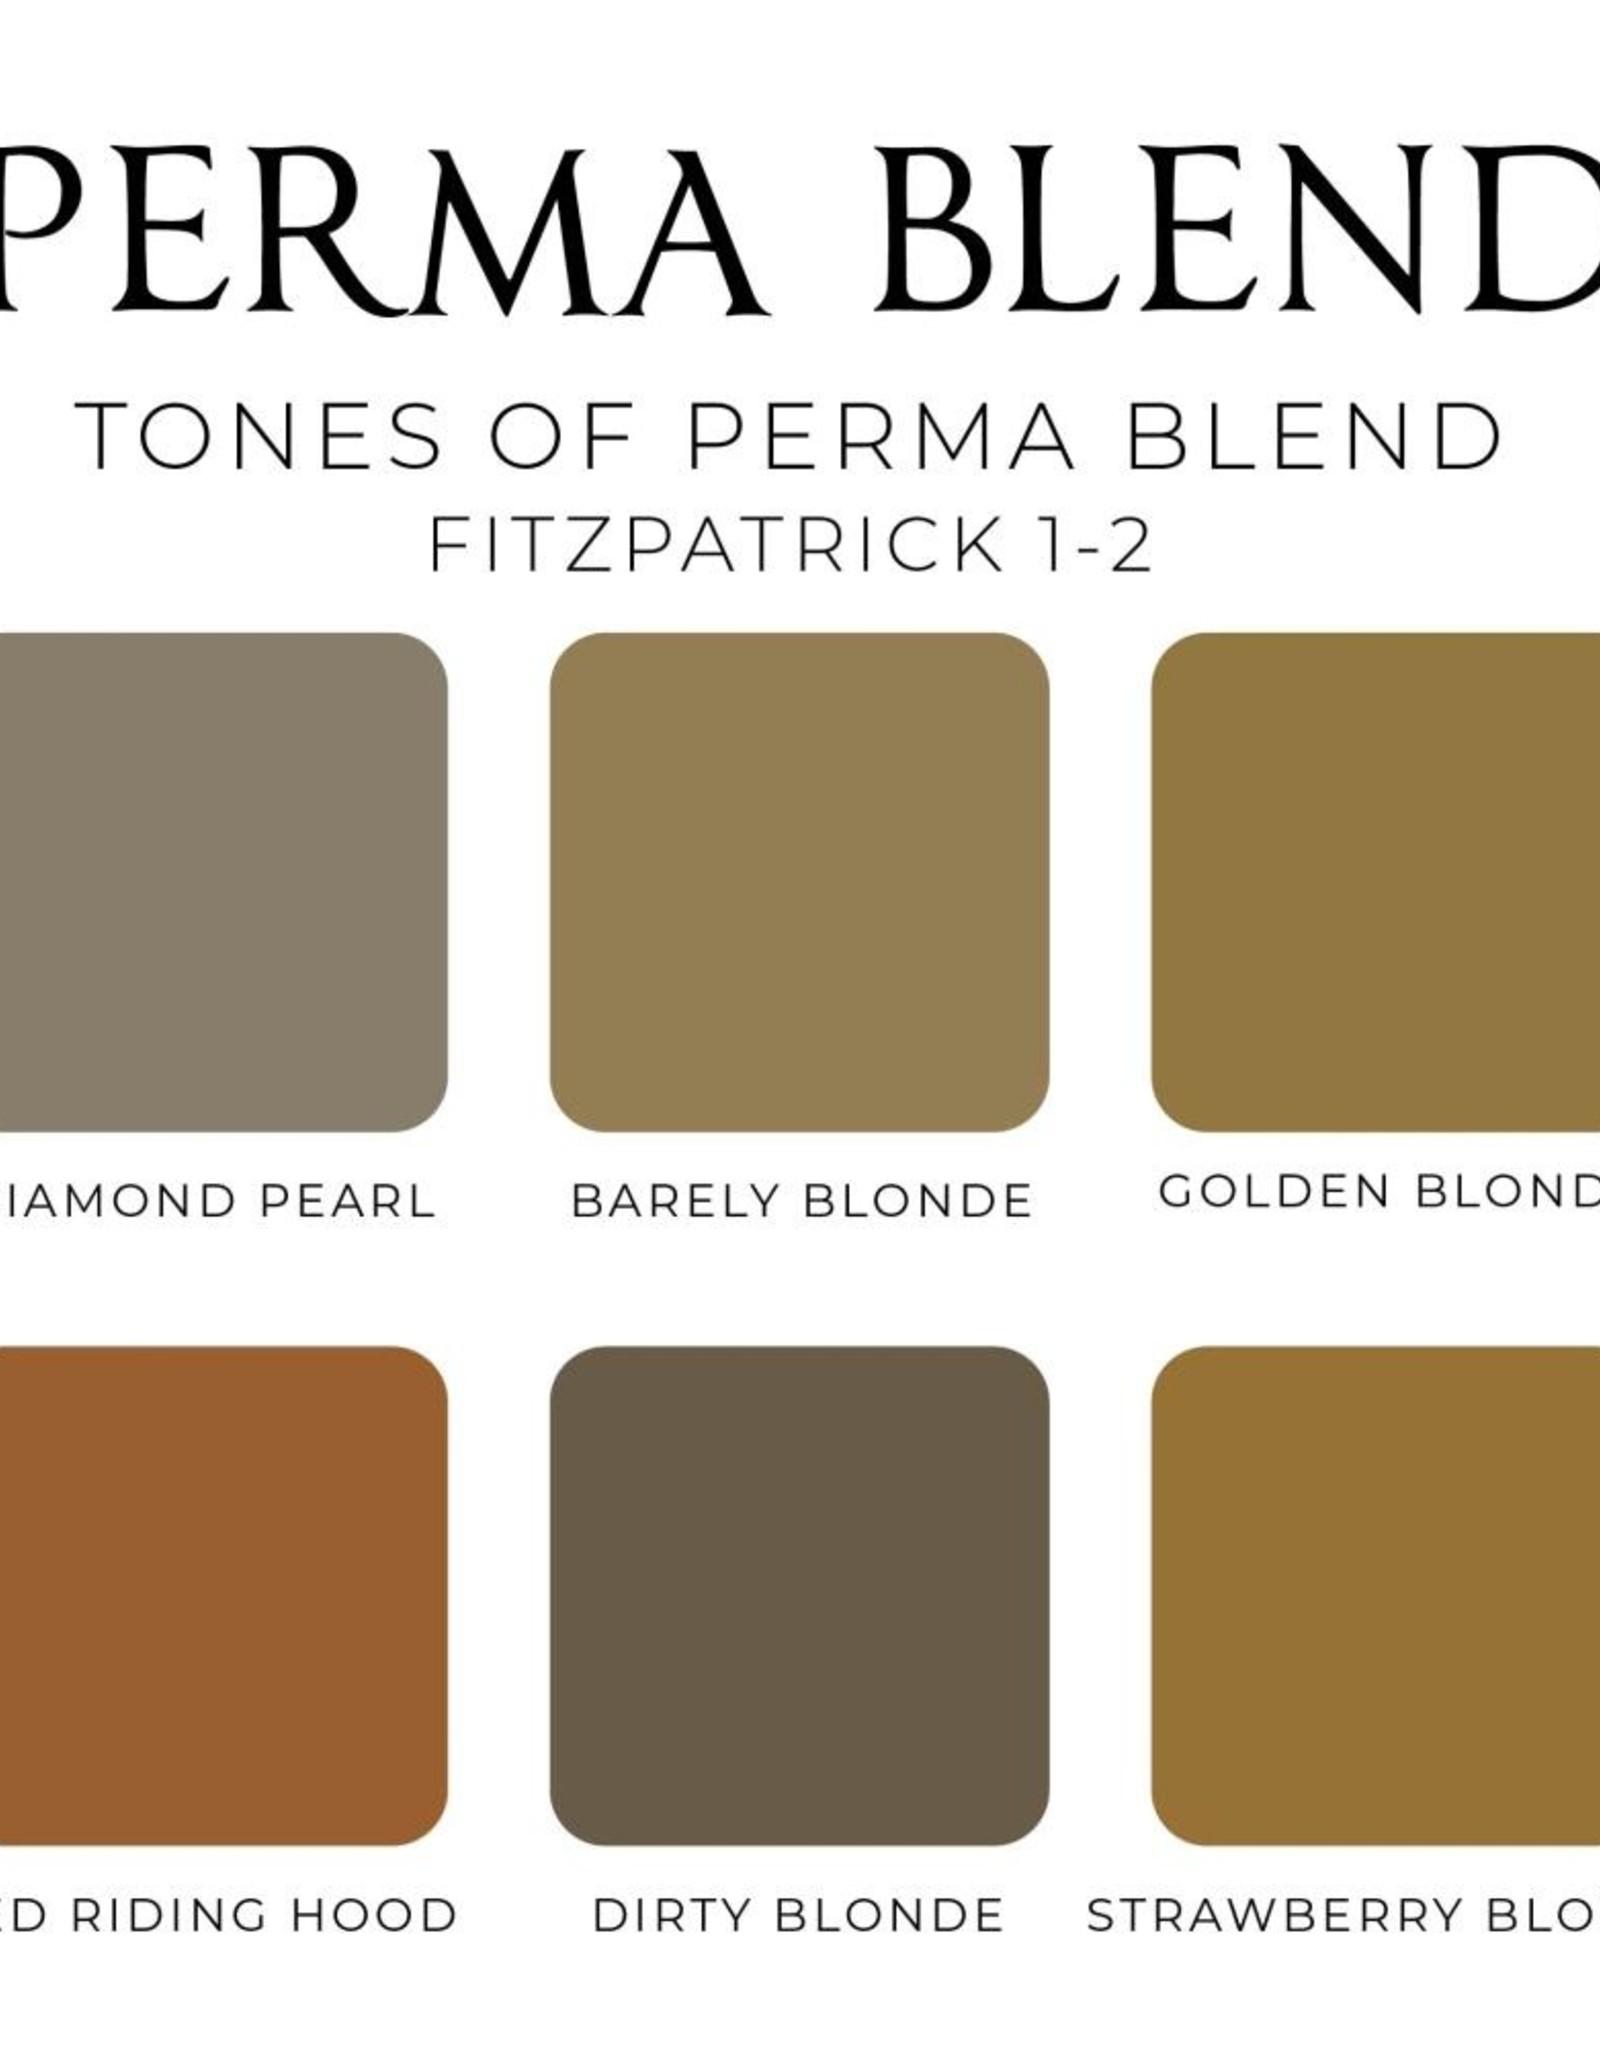 Tones of Perma Blend Set 1 (Fitzpatrick 1-2)